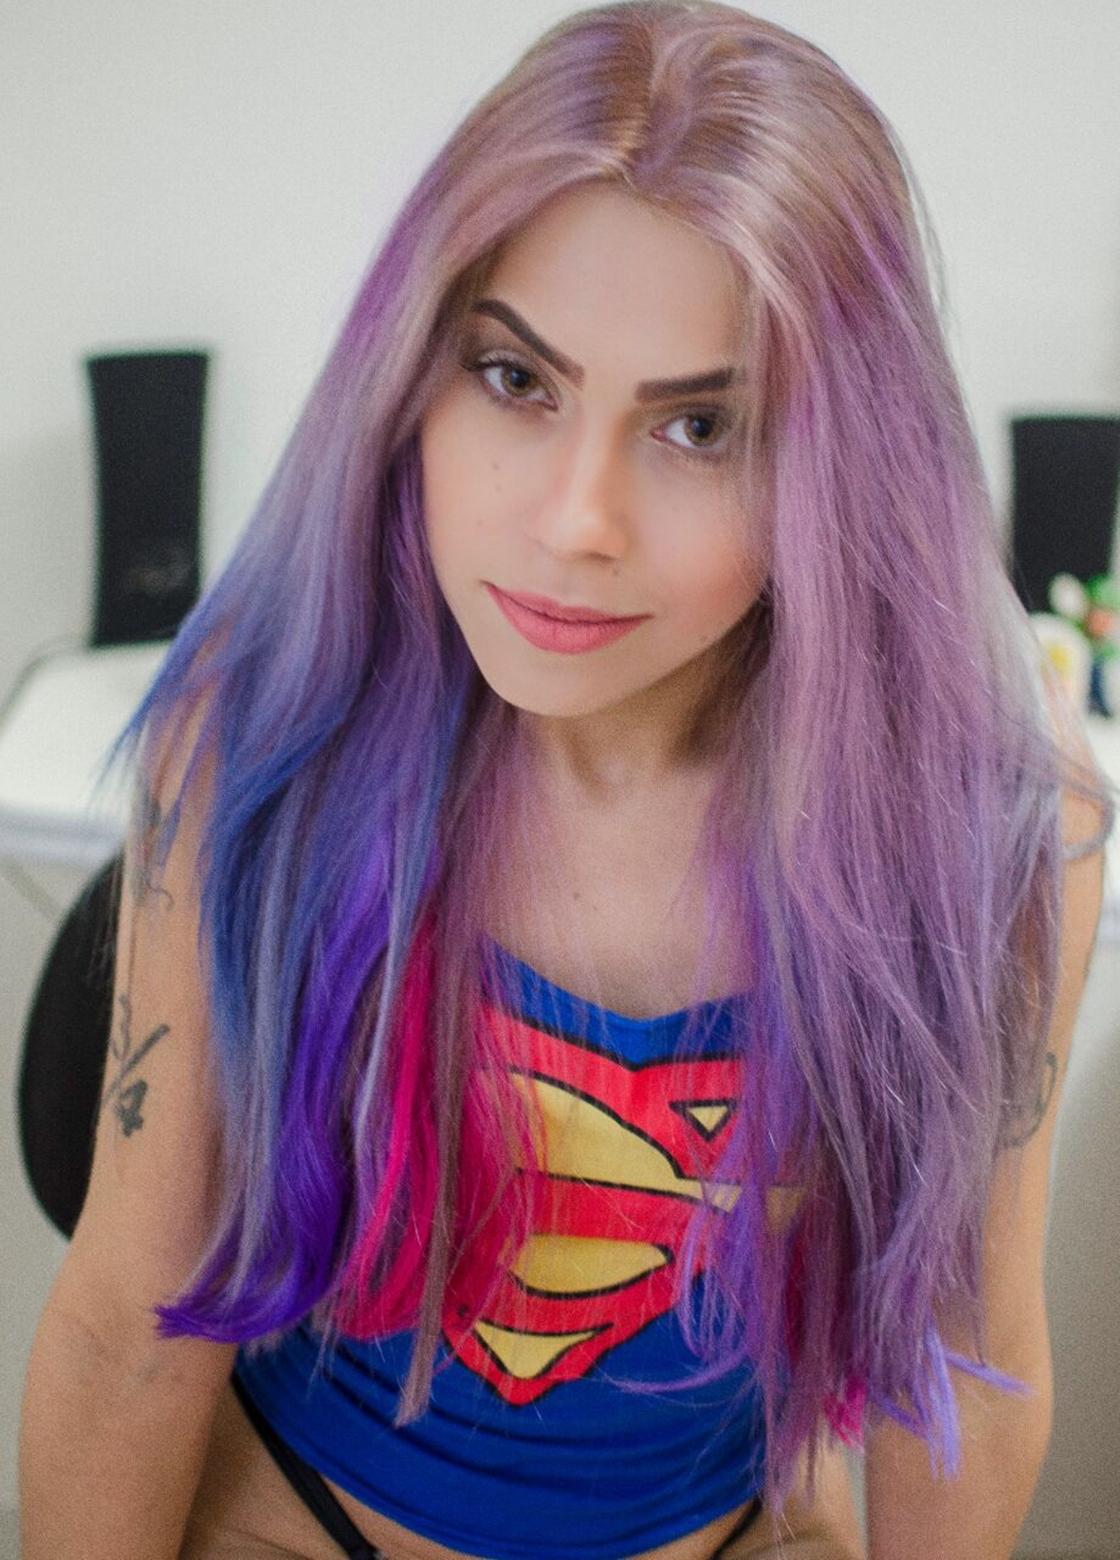 Atriz Bárbara Costa abandona carreira pornô e lança canal de cultura geek